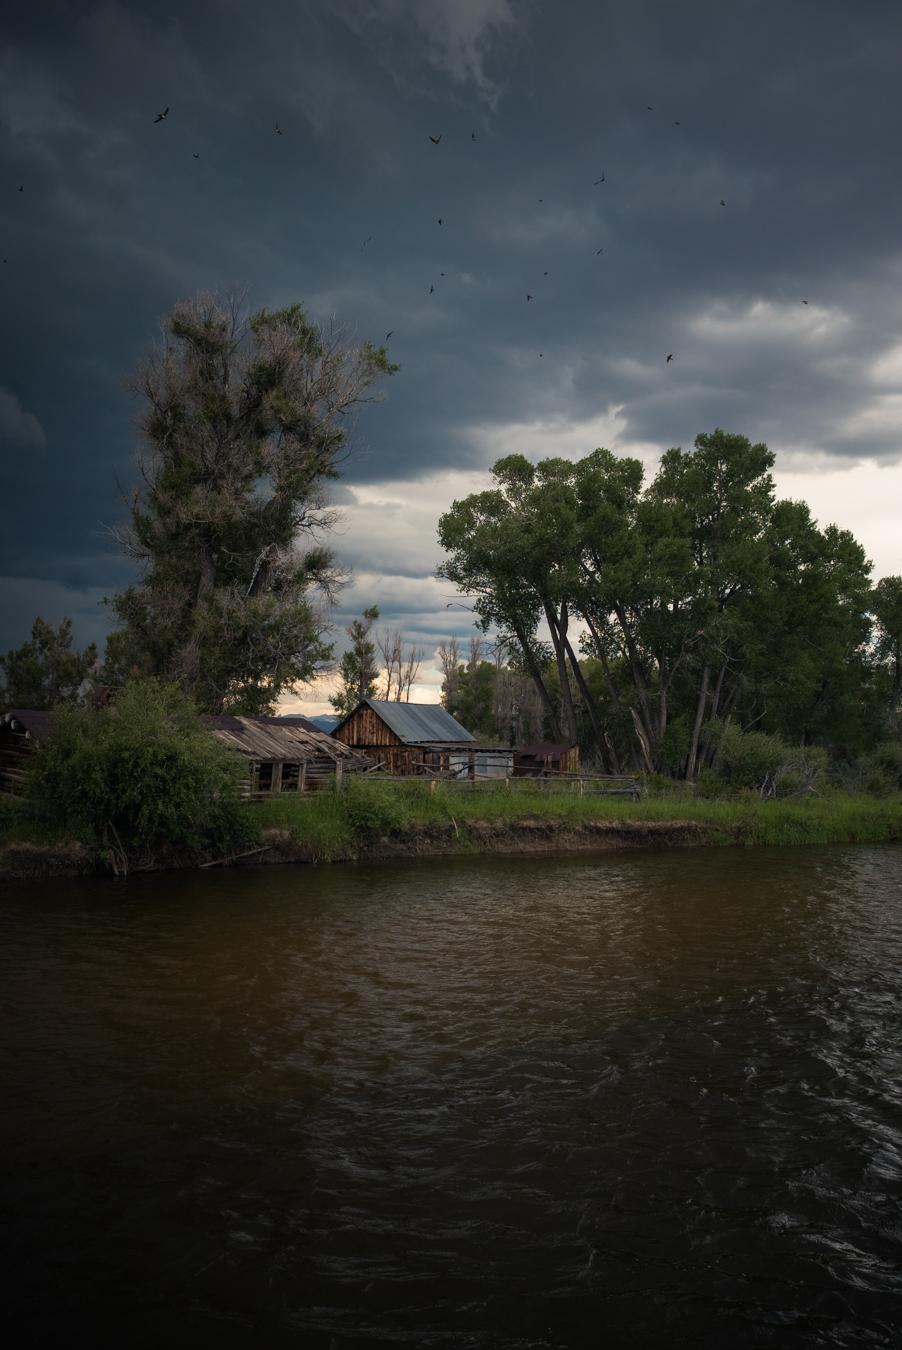 7.27_Pinedale_EastForkRiver_Storm